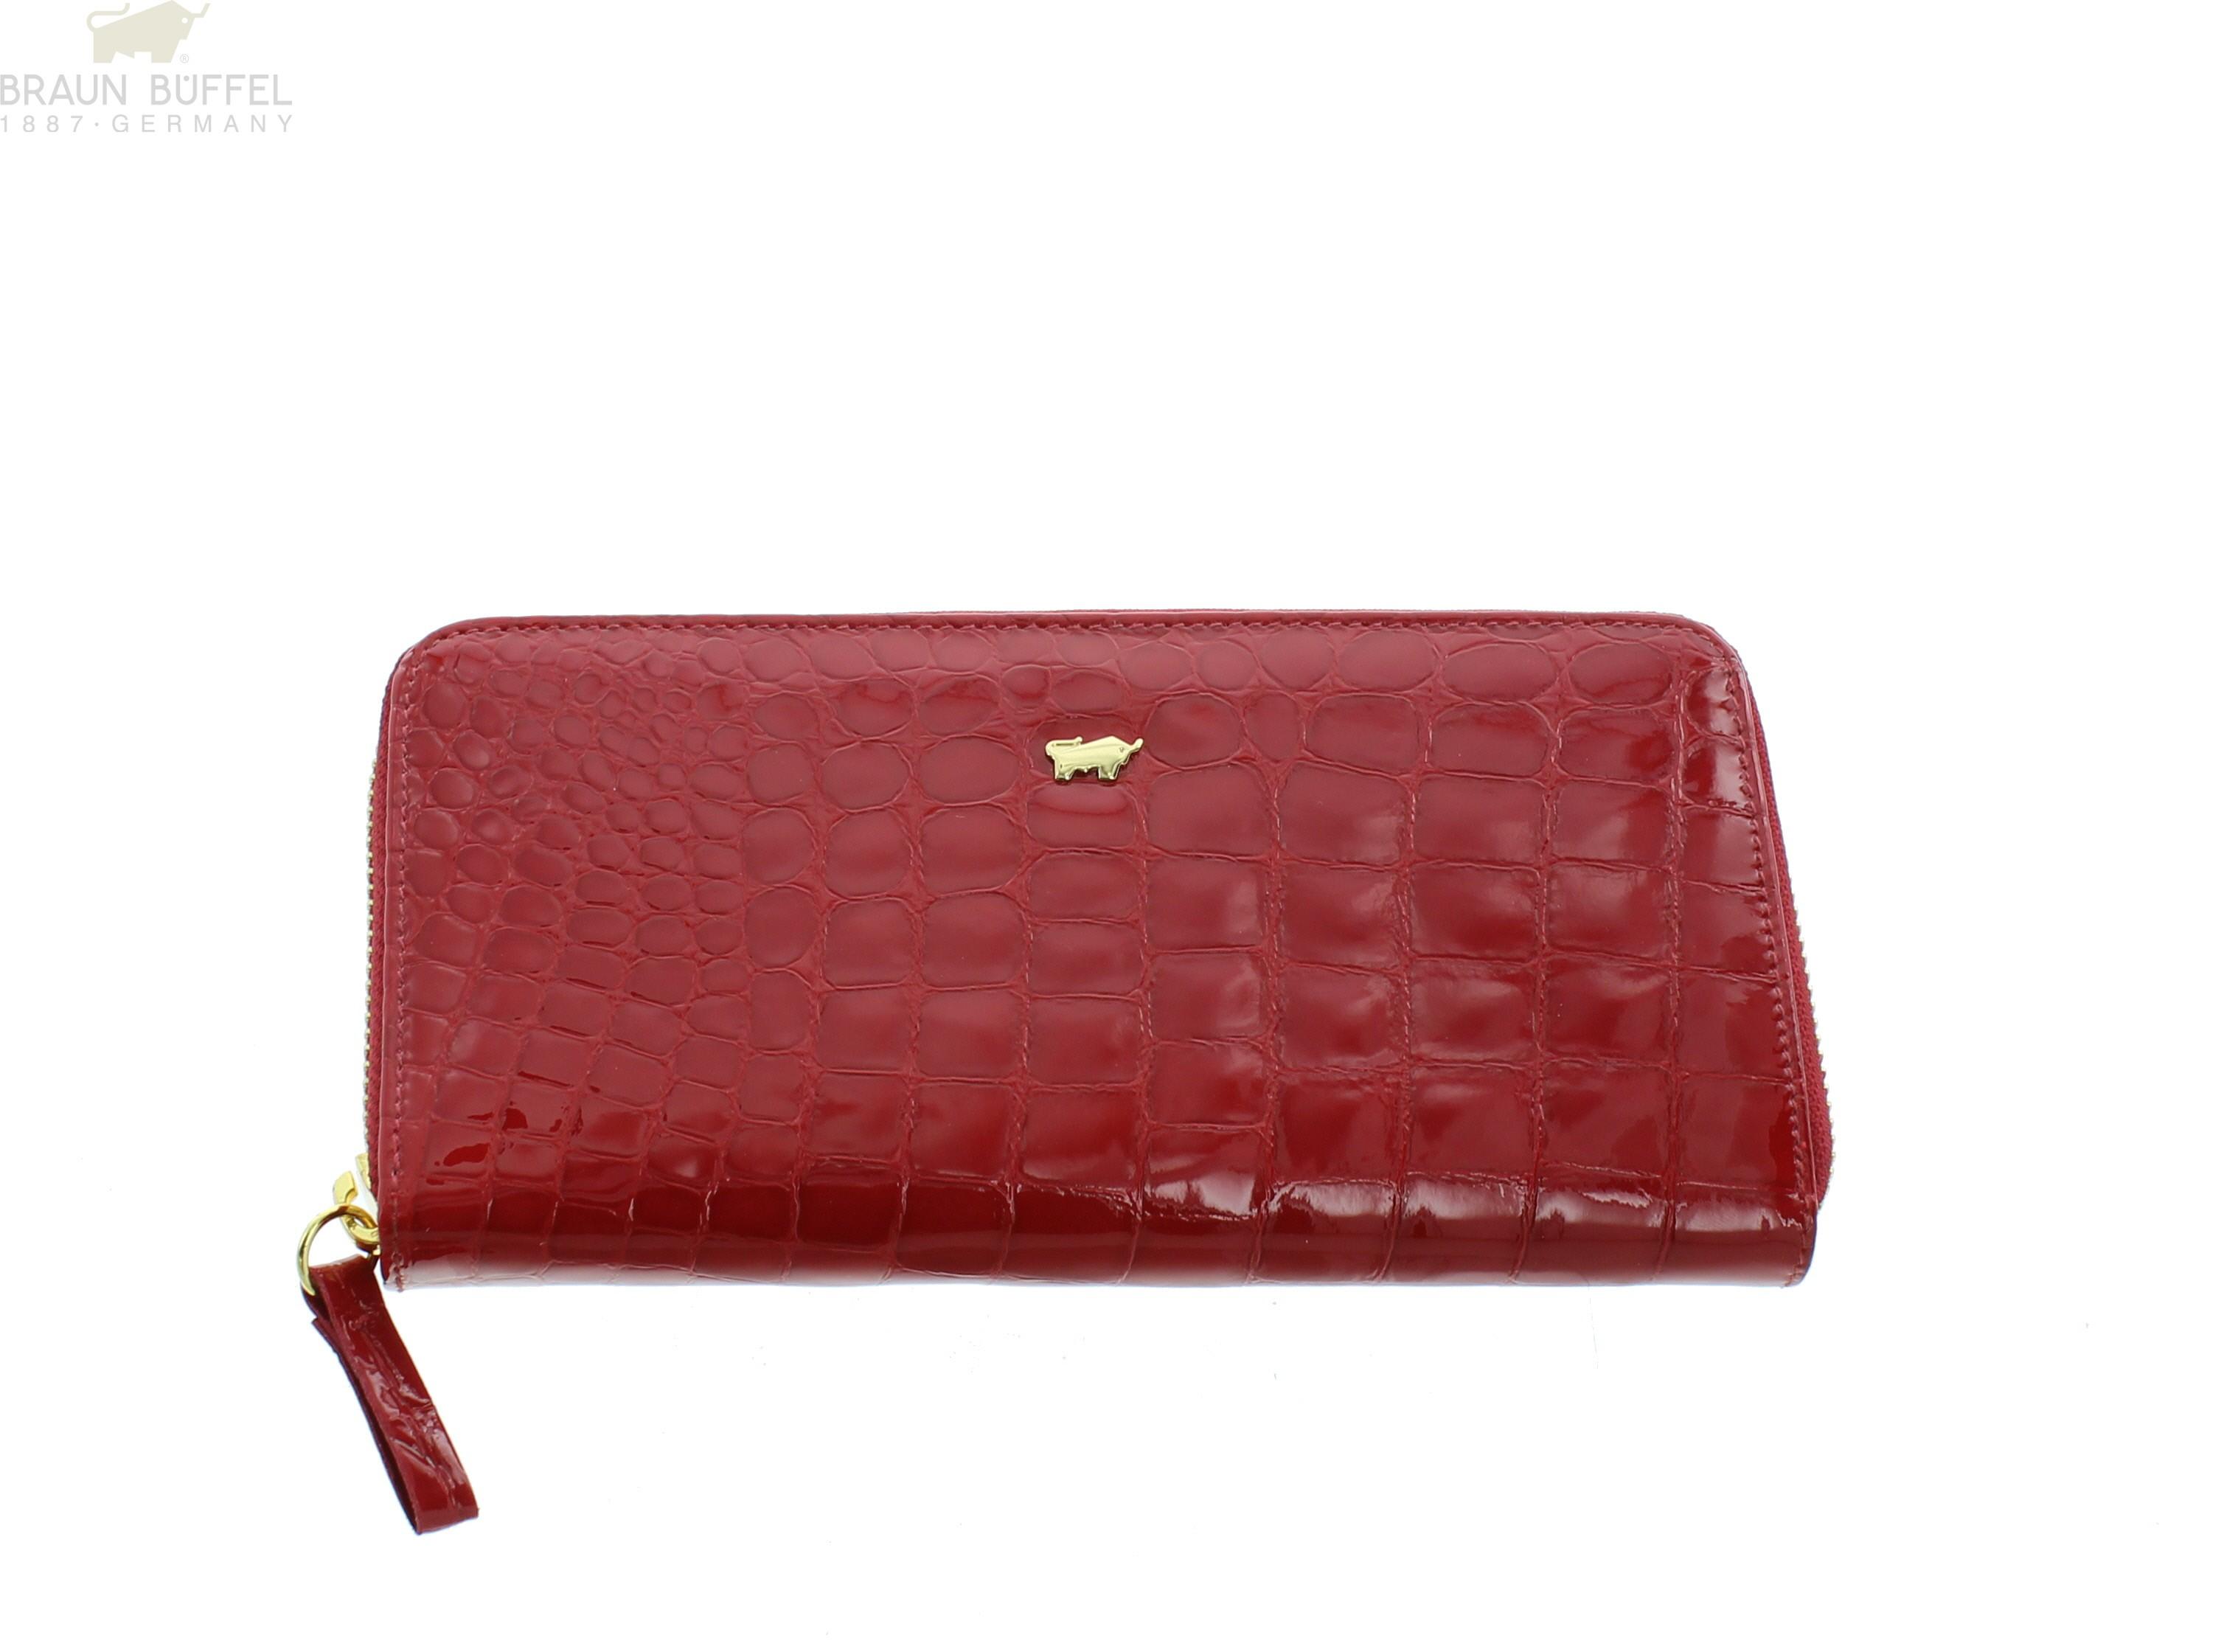 fdd4ea27031ca Braun Büffel Geldbörse mit RV Glanzkroko rot